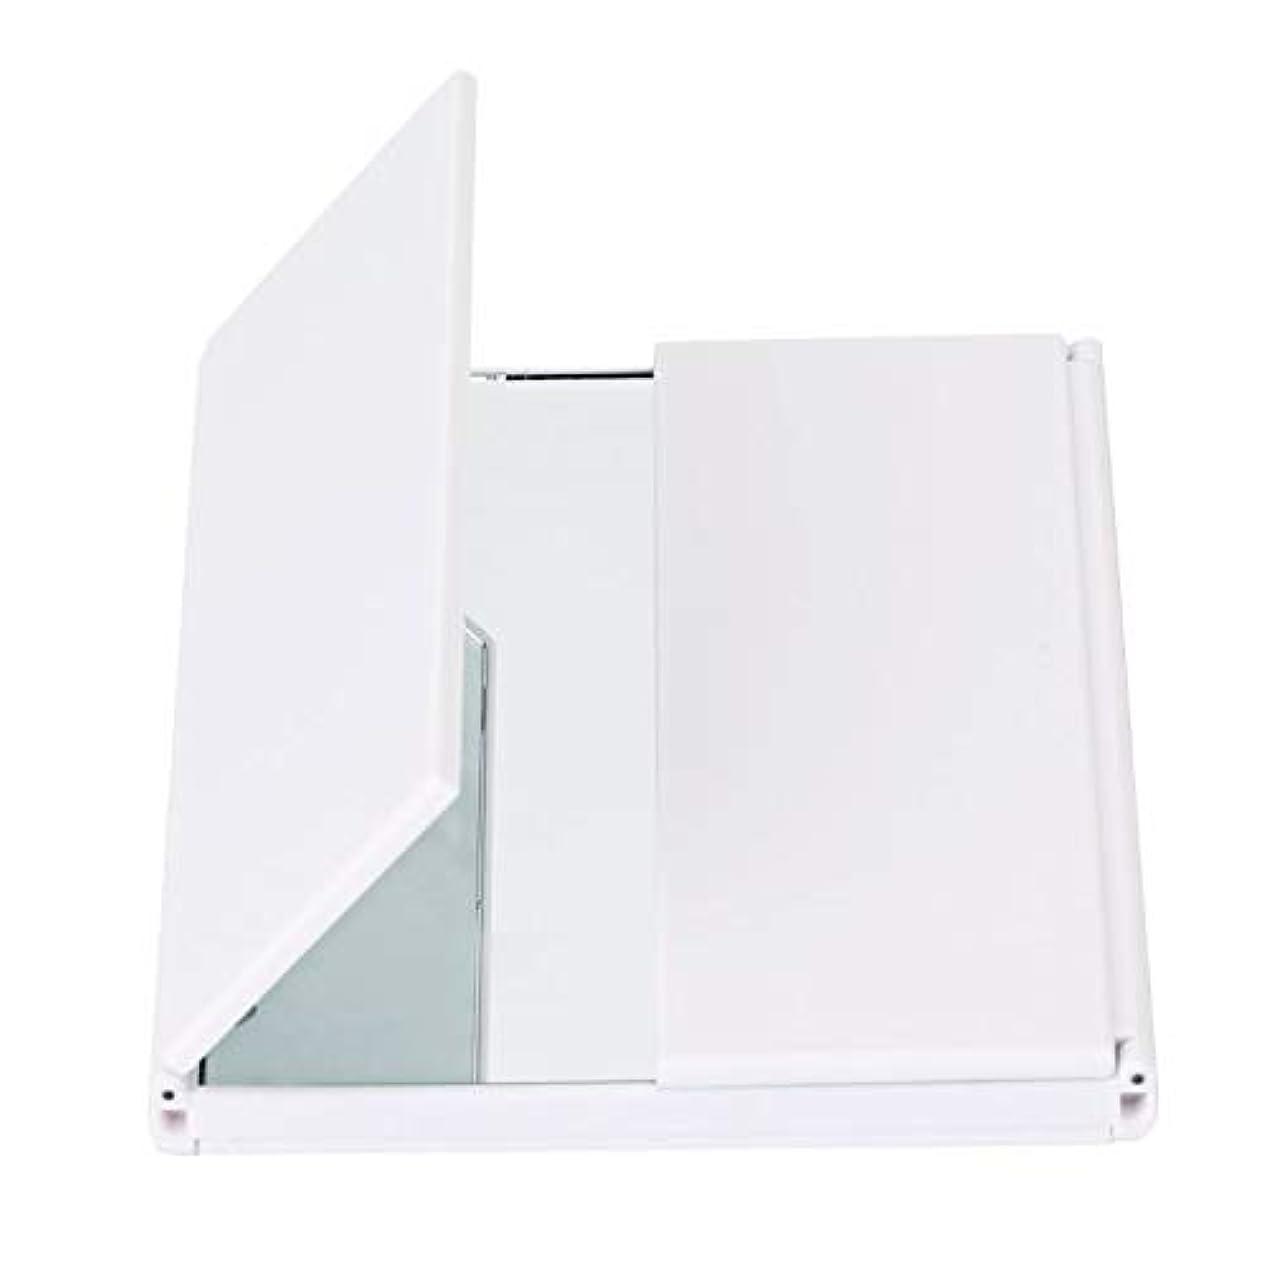 ドラゴン金額協会化粧鏡、導かれた軽い旅行化粧品のギフトが付いている三重の虚栄心ミラーの卓上スタンド (Color : ホワイト)